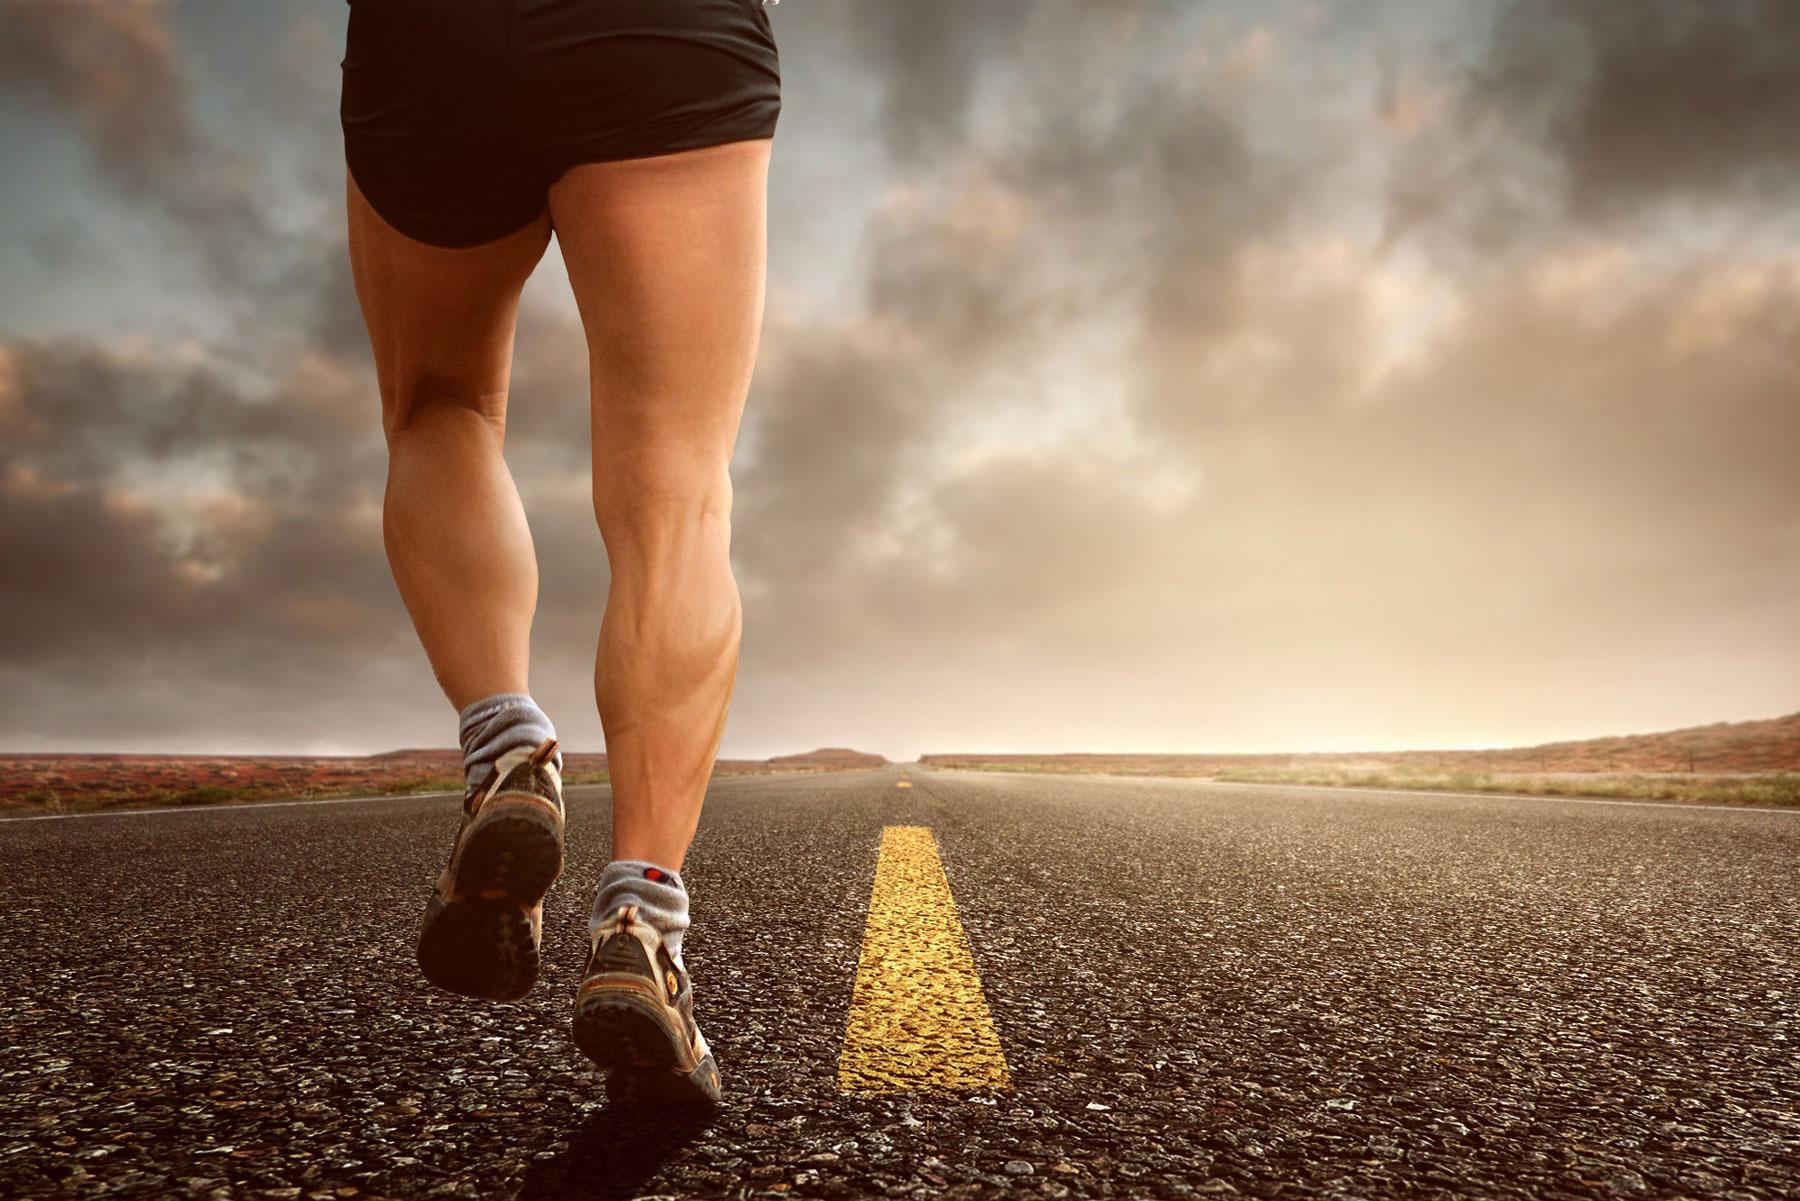 Las 5 lesiones más comunes en una carrera 15k